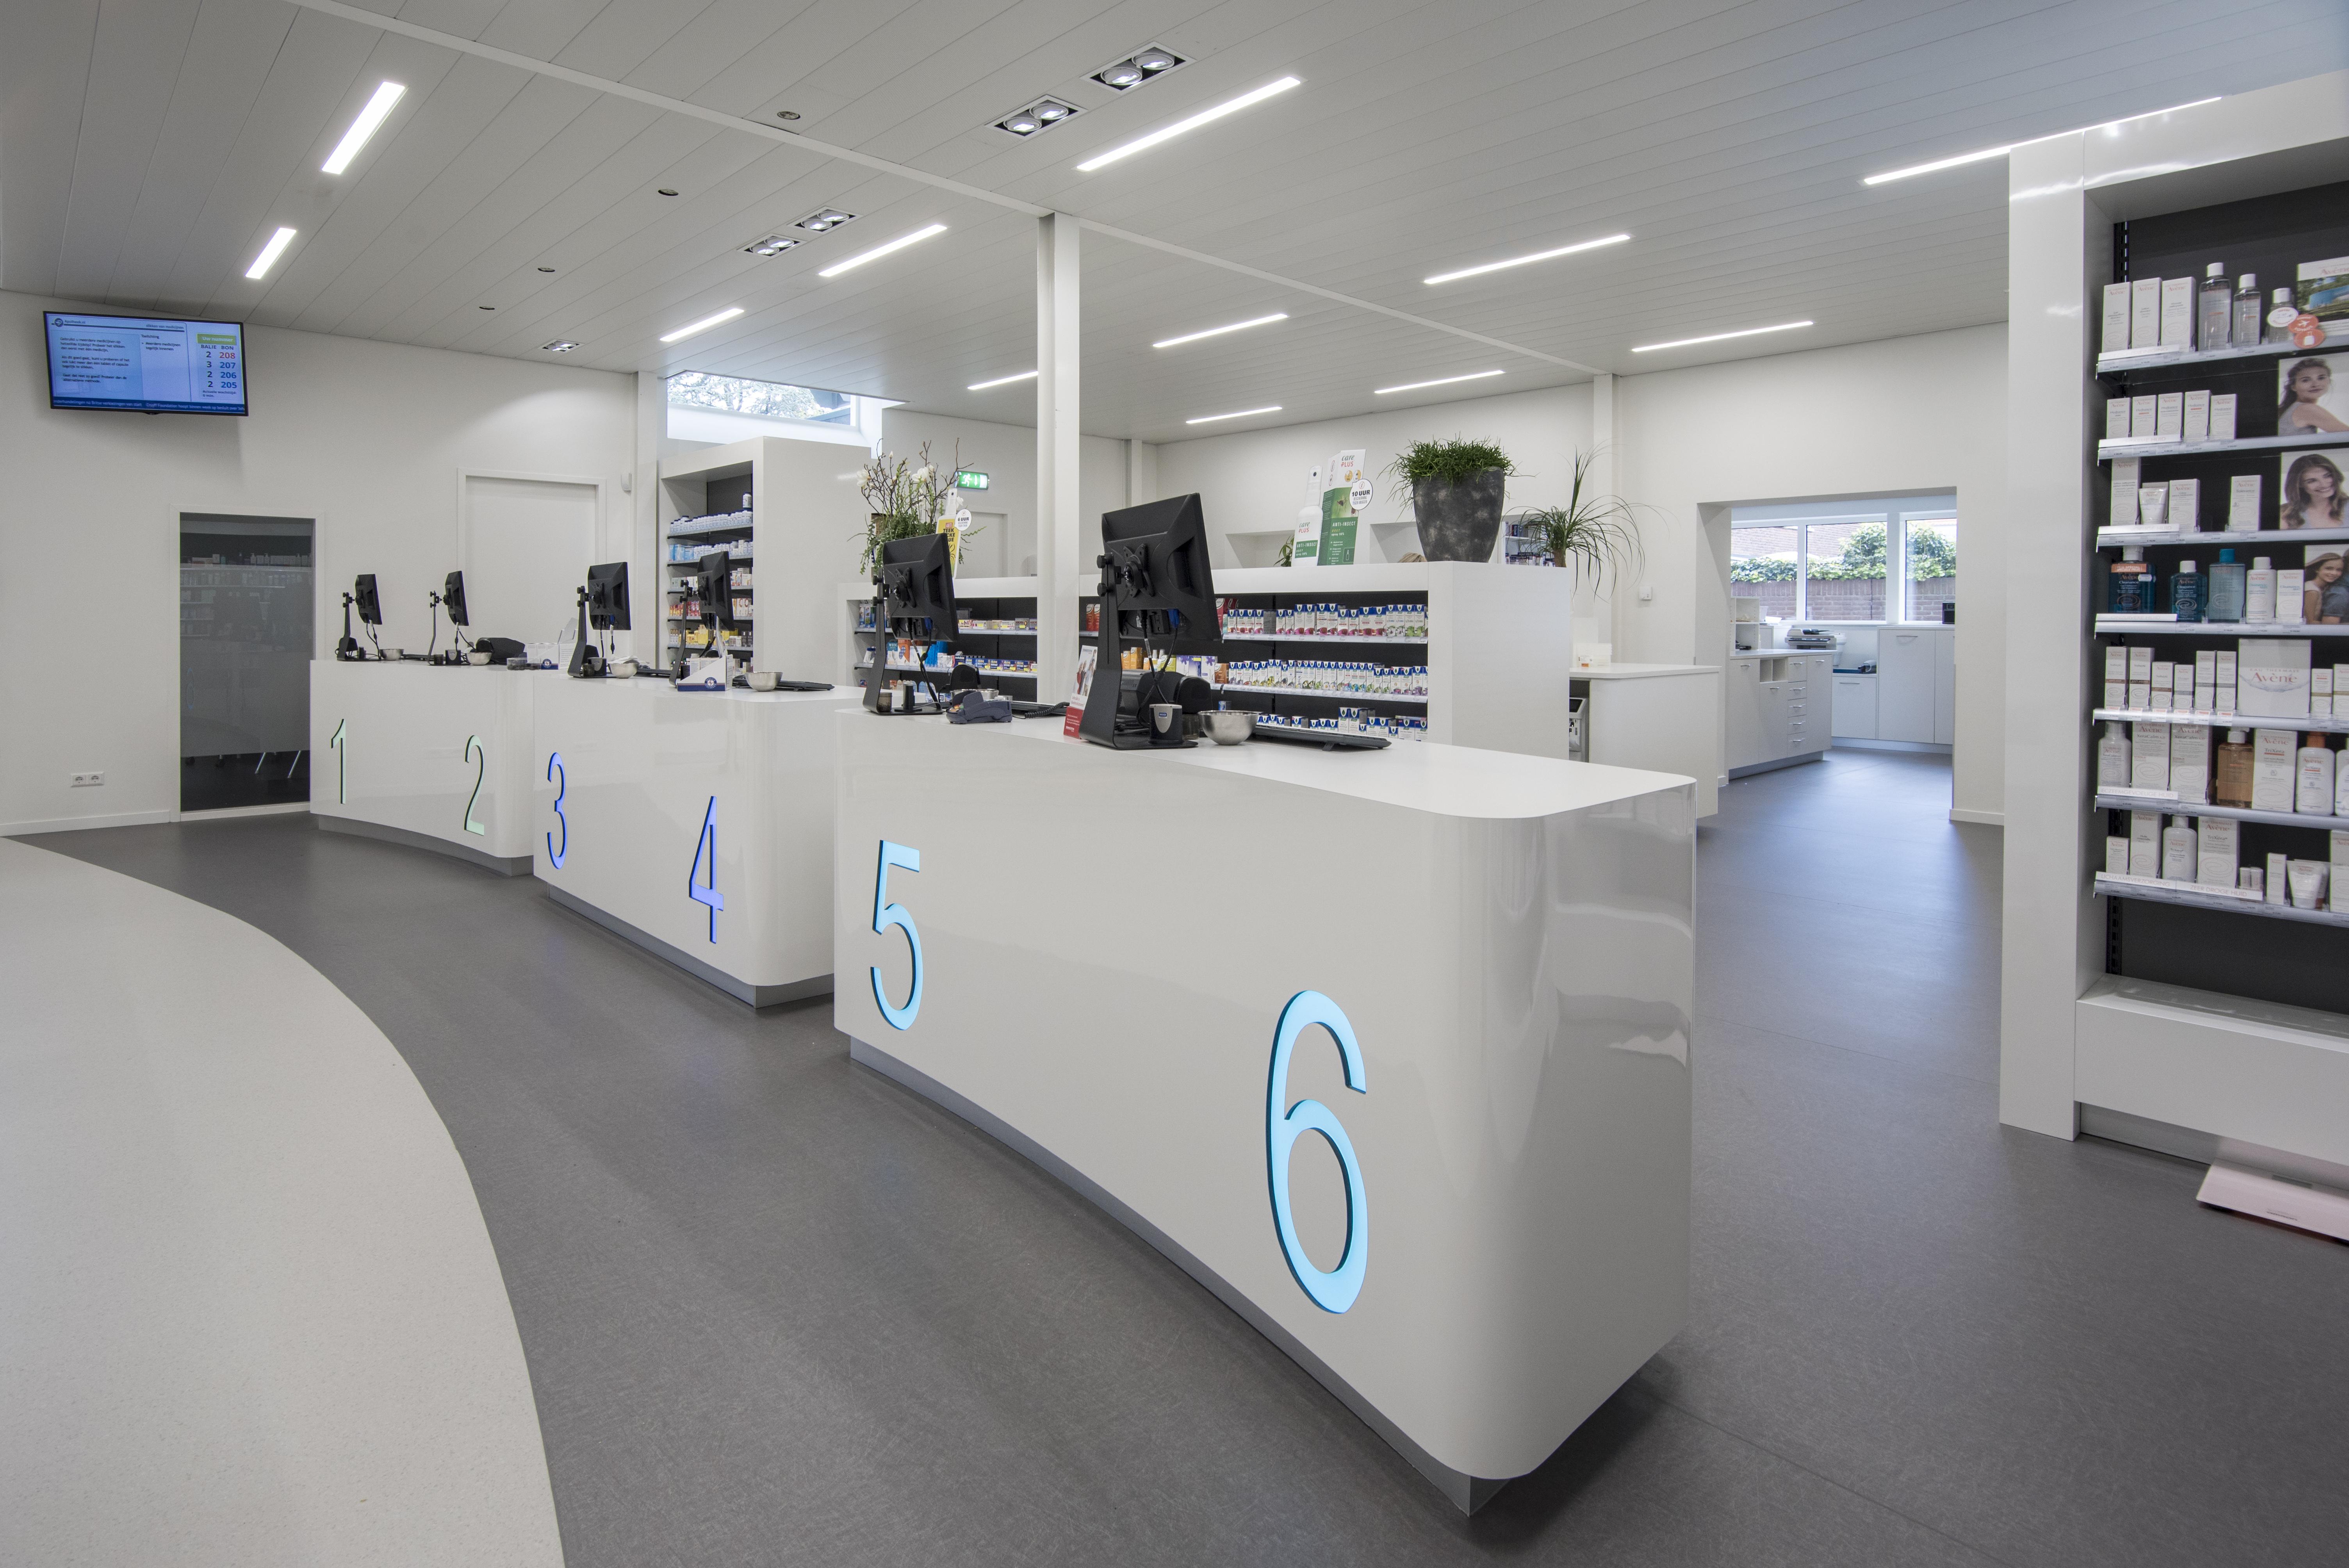 <p>De Apotheek in het gezondheidscentrum De Kandelaar – HET architectenbureau</p>